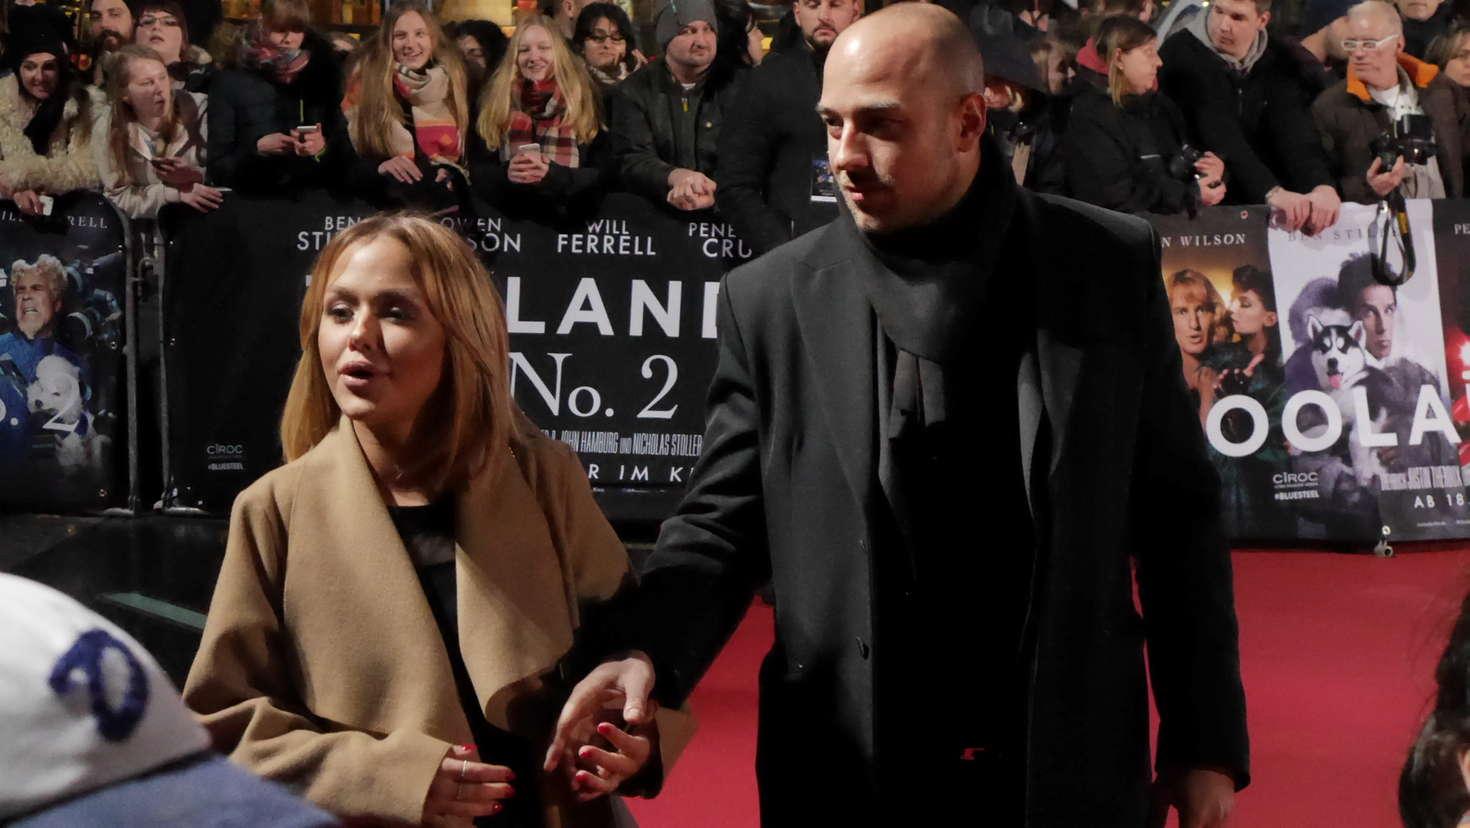 Kim Gloss Zoolander No. Premiere in Berlin